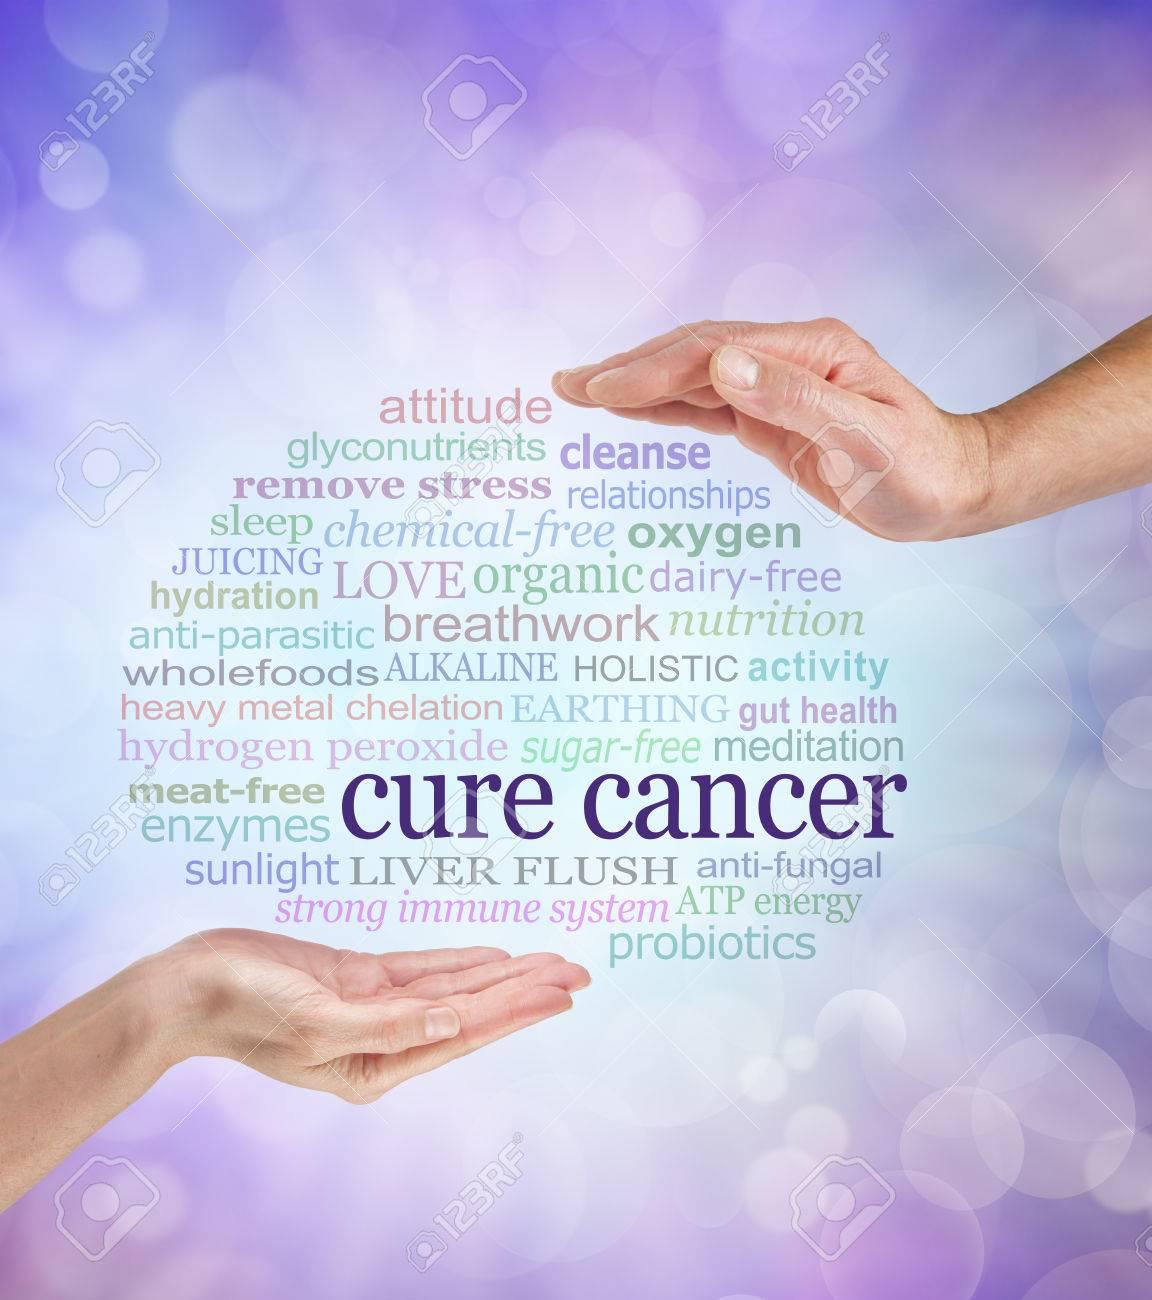 parole associate con cure per il cancro olistiche un maschio e archivio fotografico parole associate con cure per il cancro olistiche un maschio e una femmina mano di fronte all altro con le parole curare il cancro